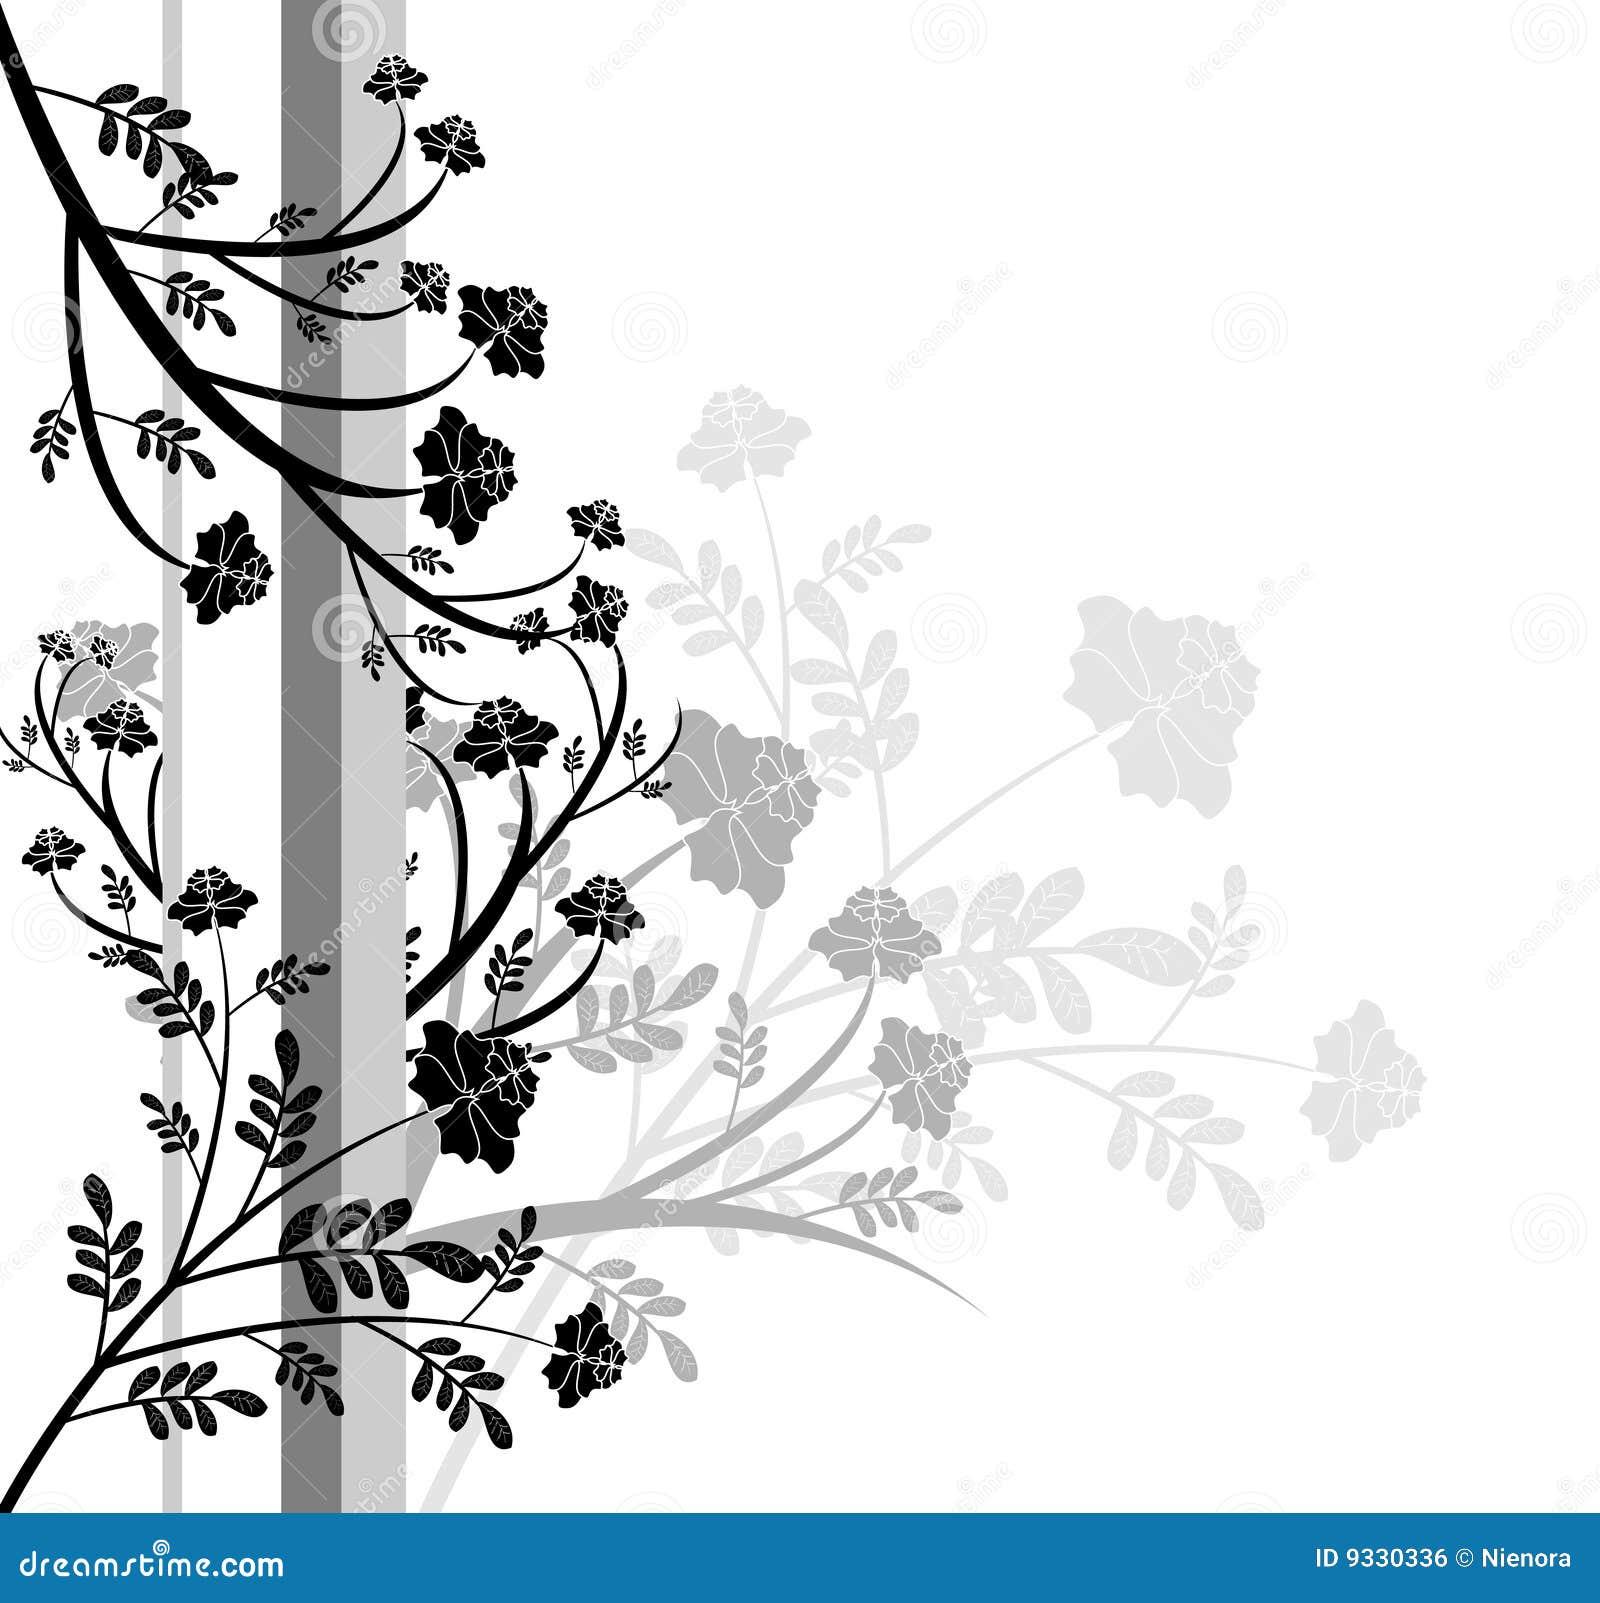 Dise o floral blanco y negro ilustraci n del vector for Aparador blanco y negro